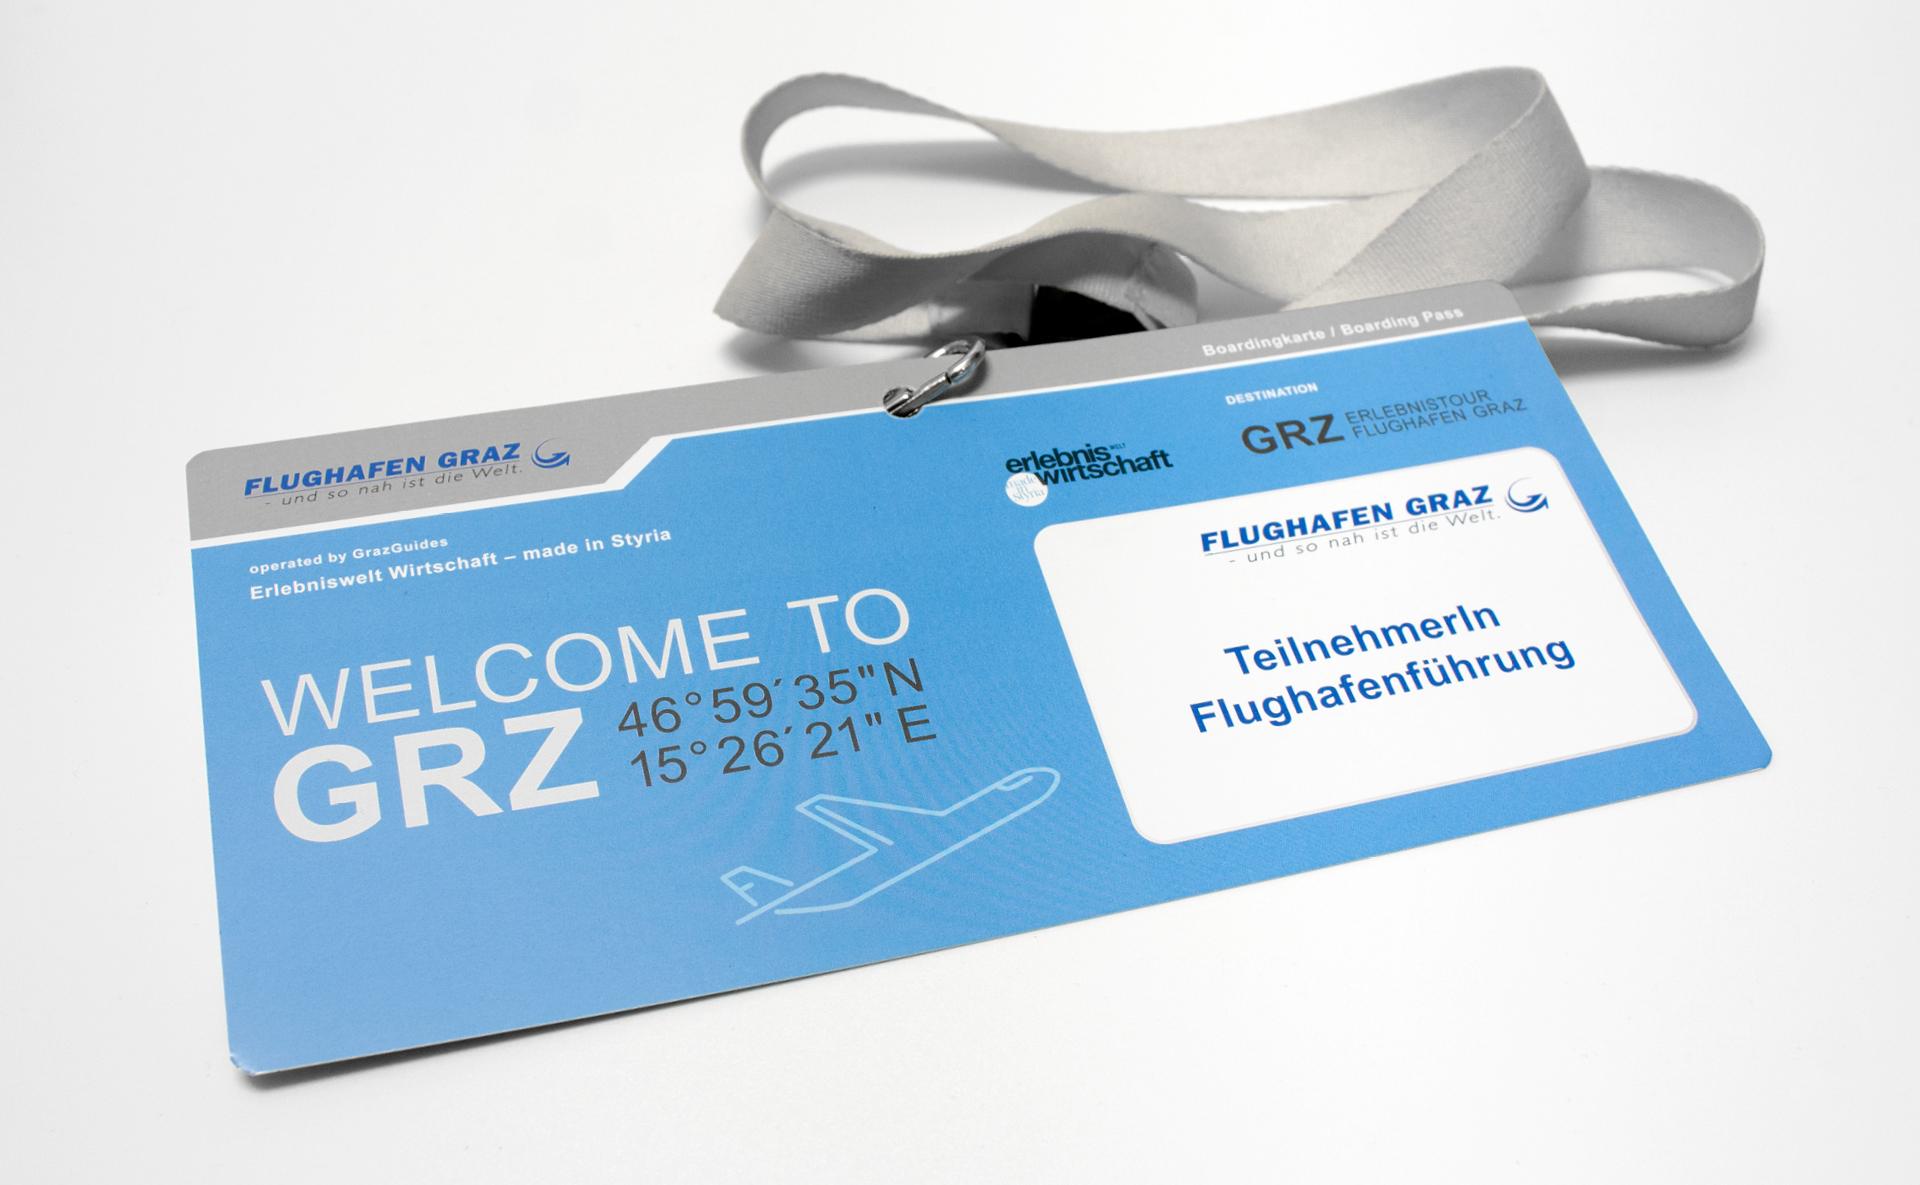 Erlebnistour für den Flughafen Graz von der Designagentur look! design